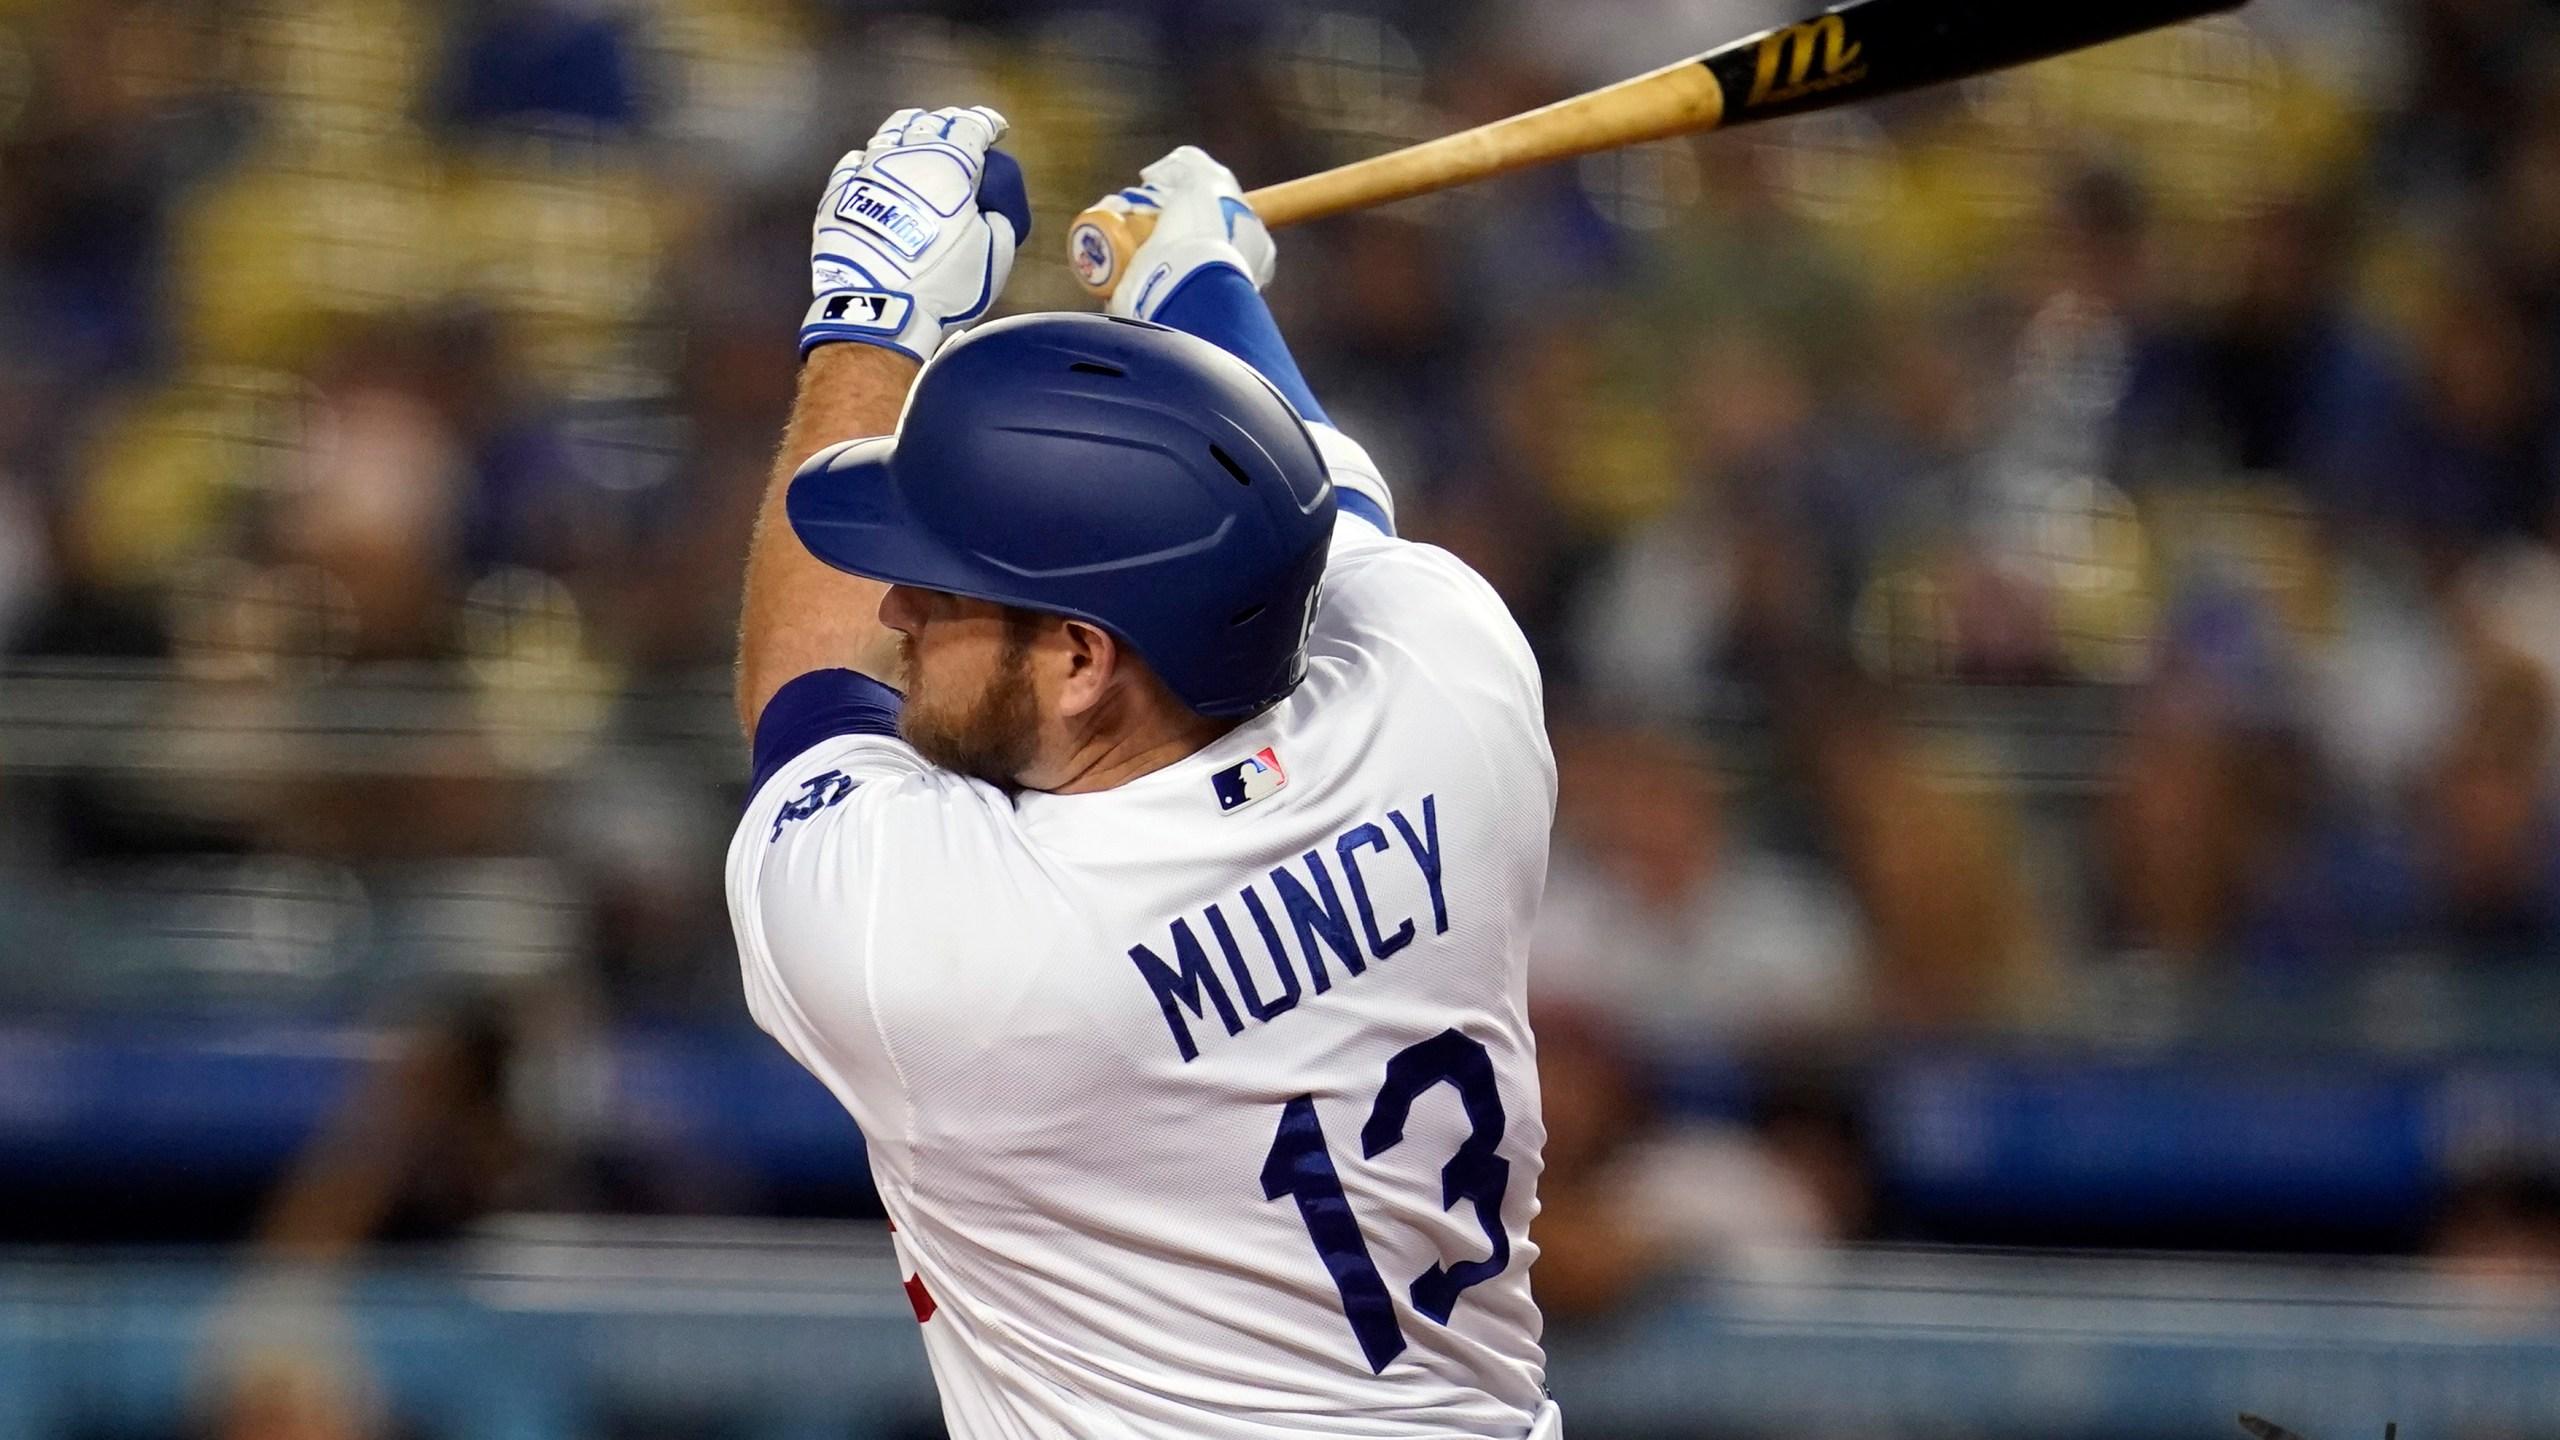 Max Muncy